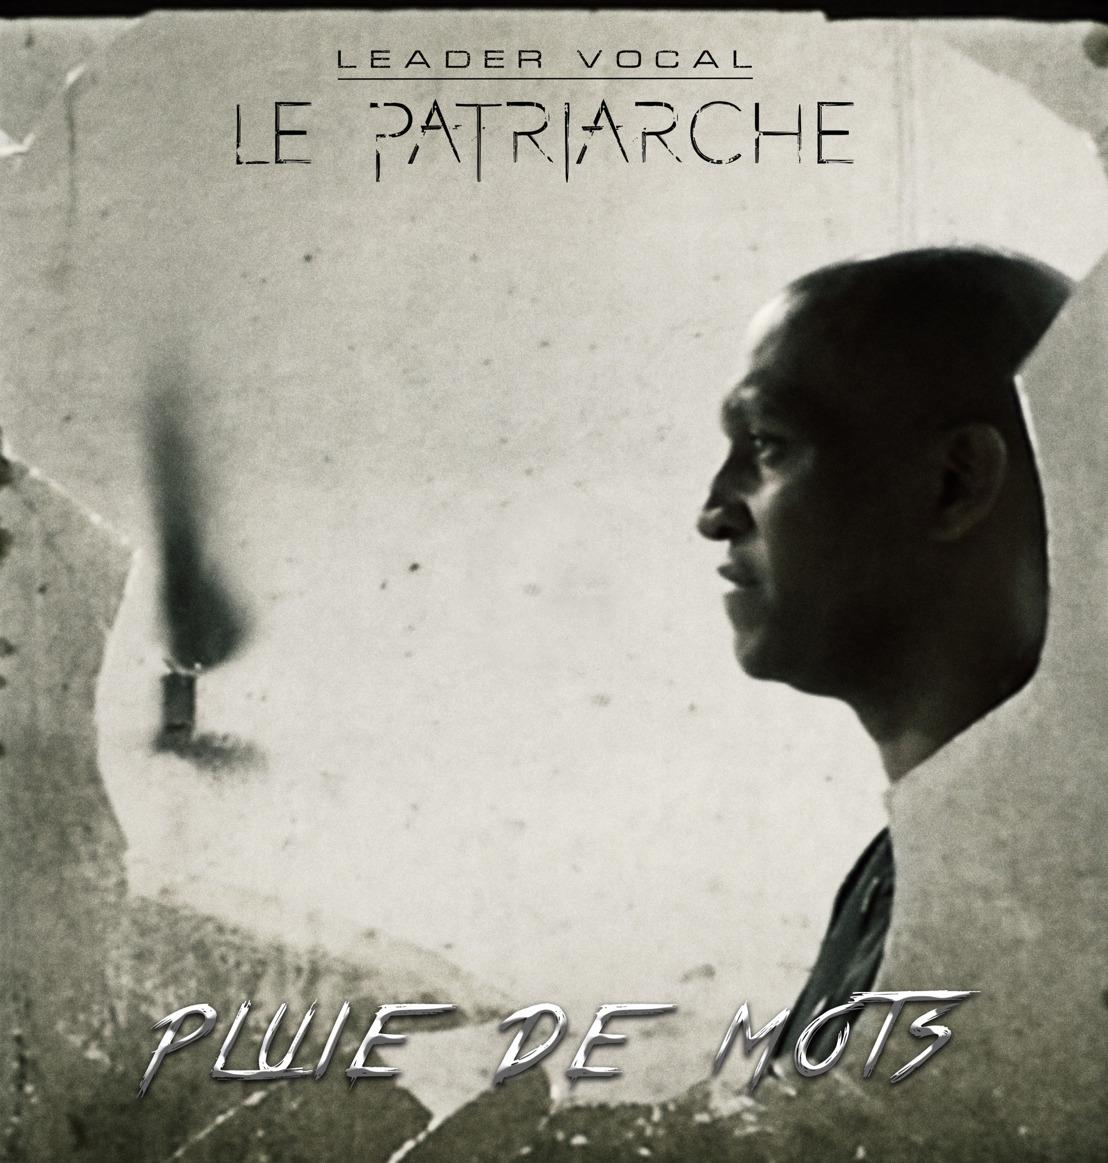 """LEADER VOCAL """"LE PATRIARCHE"""" : Son nouveau clip """"Pluie de Mots"""" enfin disponible"""